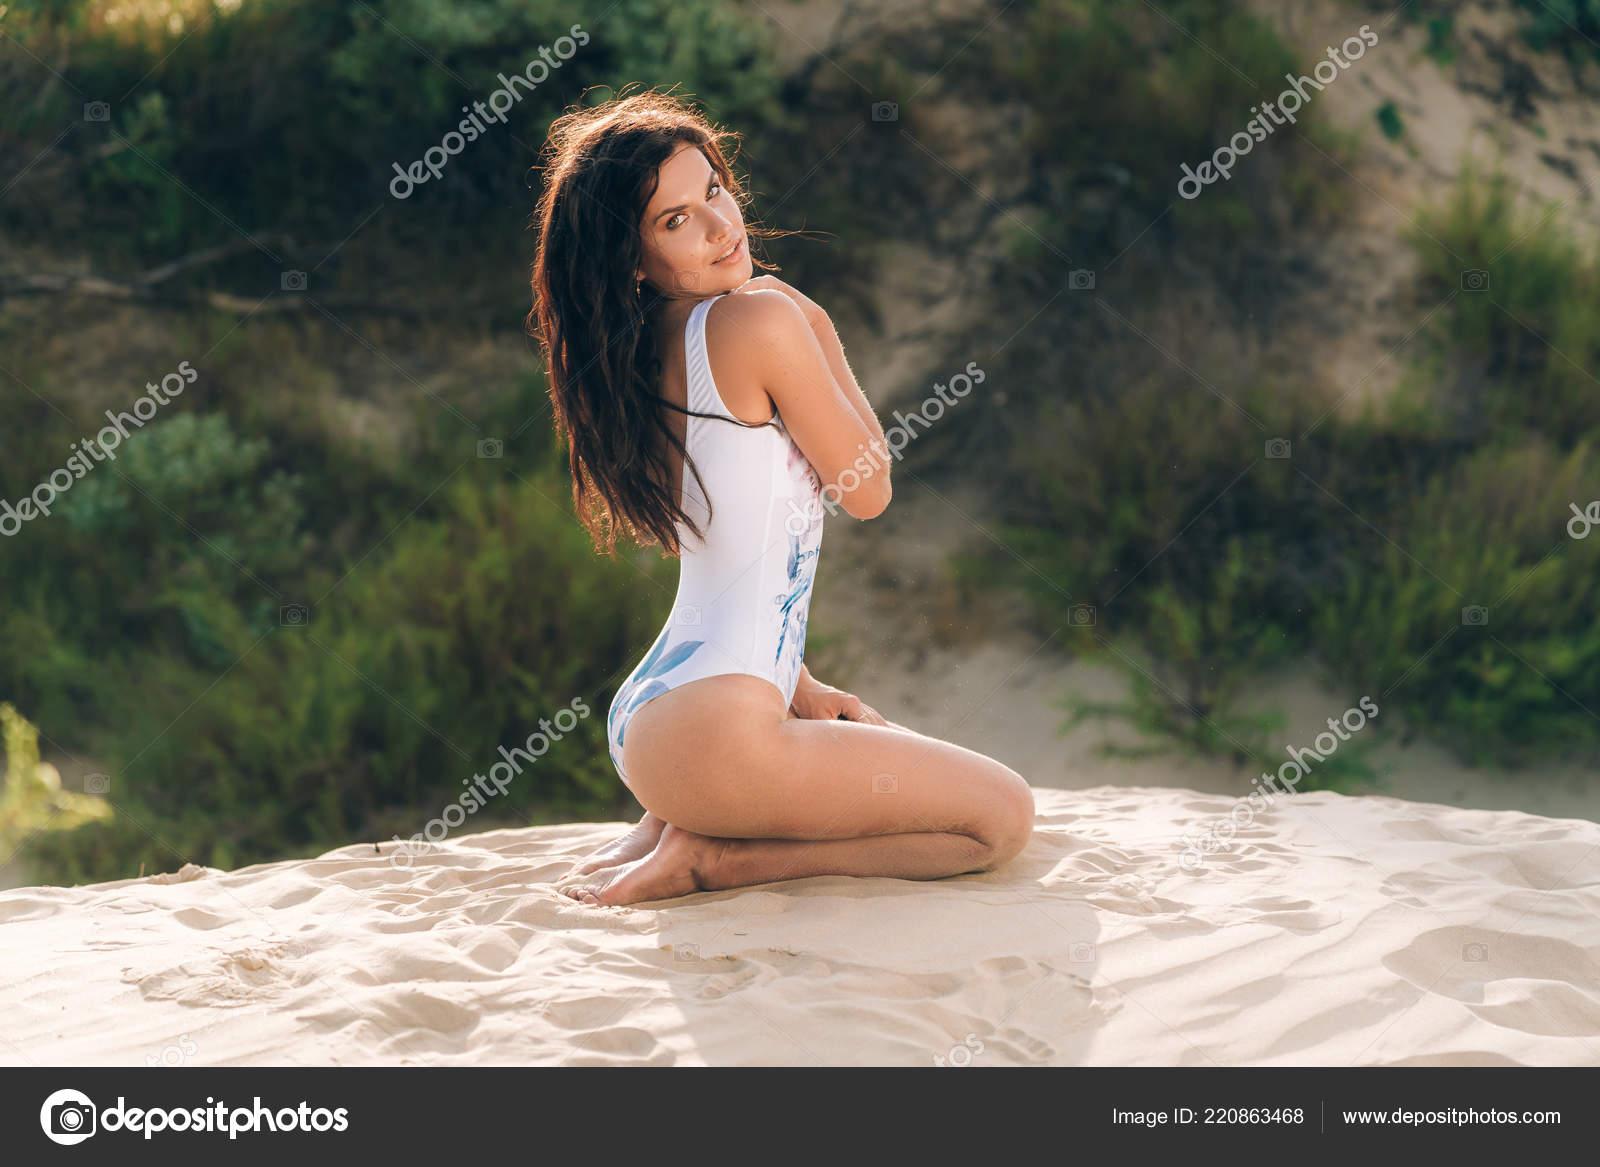 Фотографии девушек с диких пляжей, фото яйца в пизде